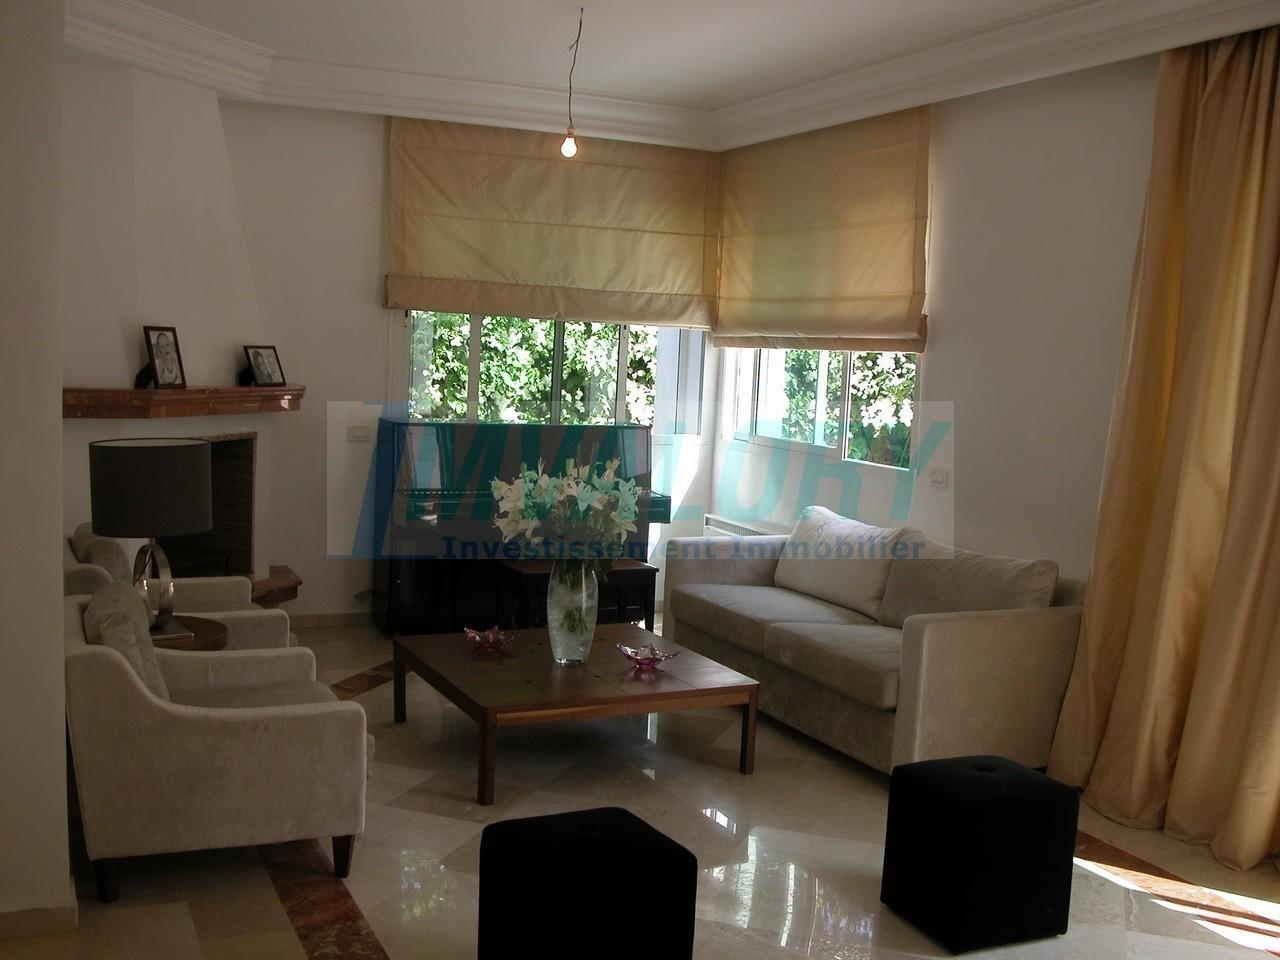 A vendre belle villa 402 m² Ain diab ext